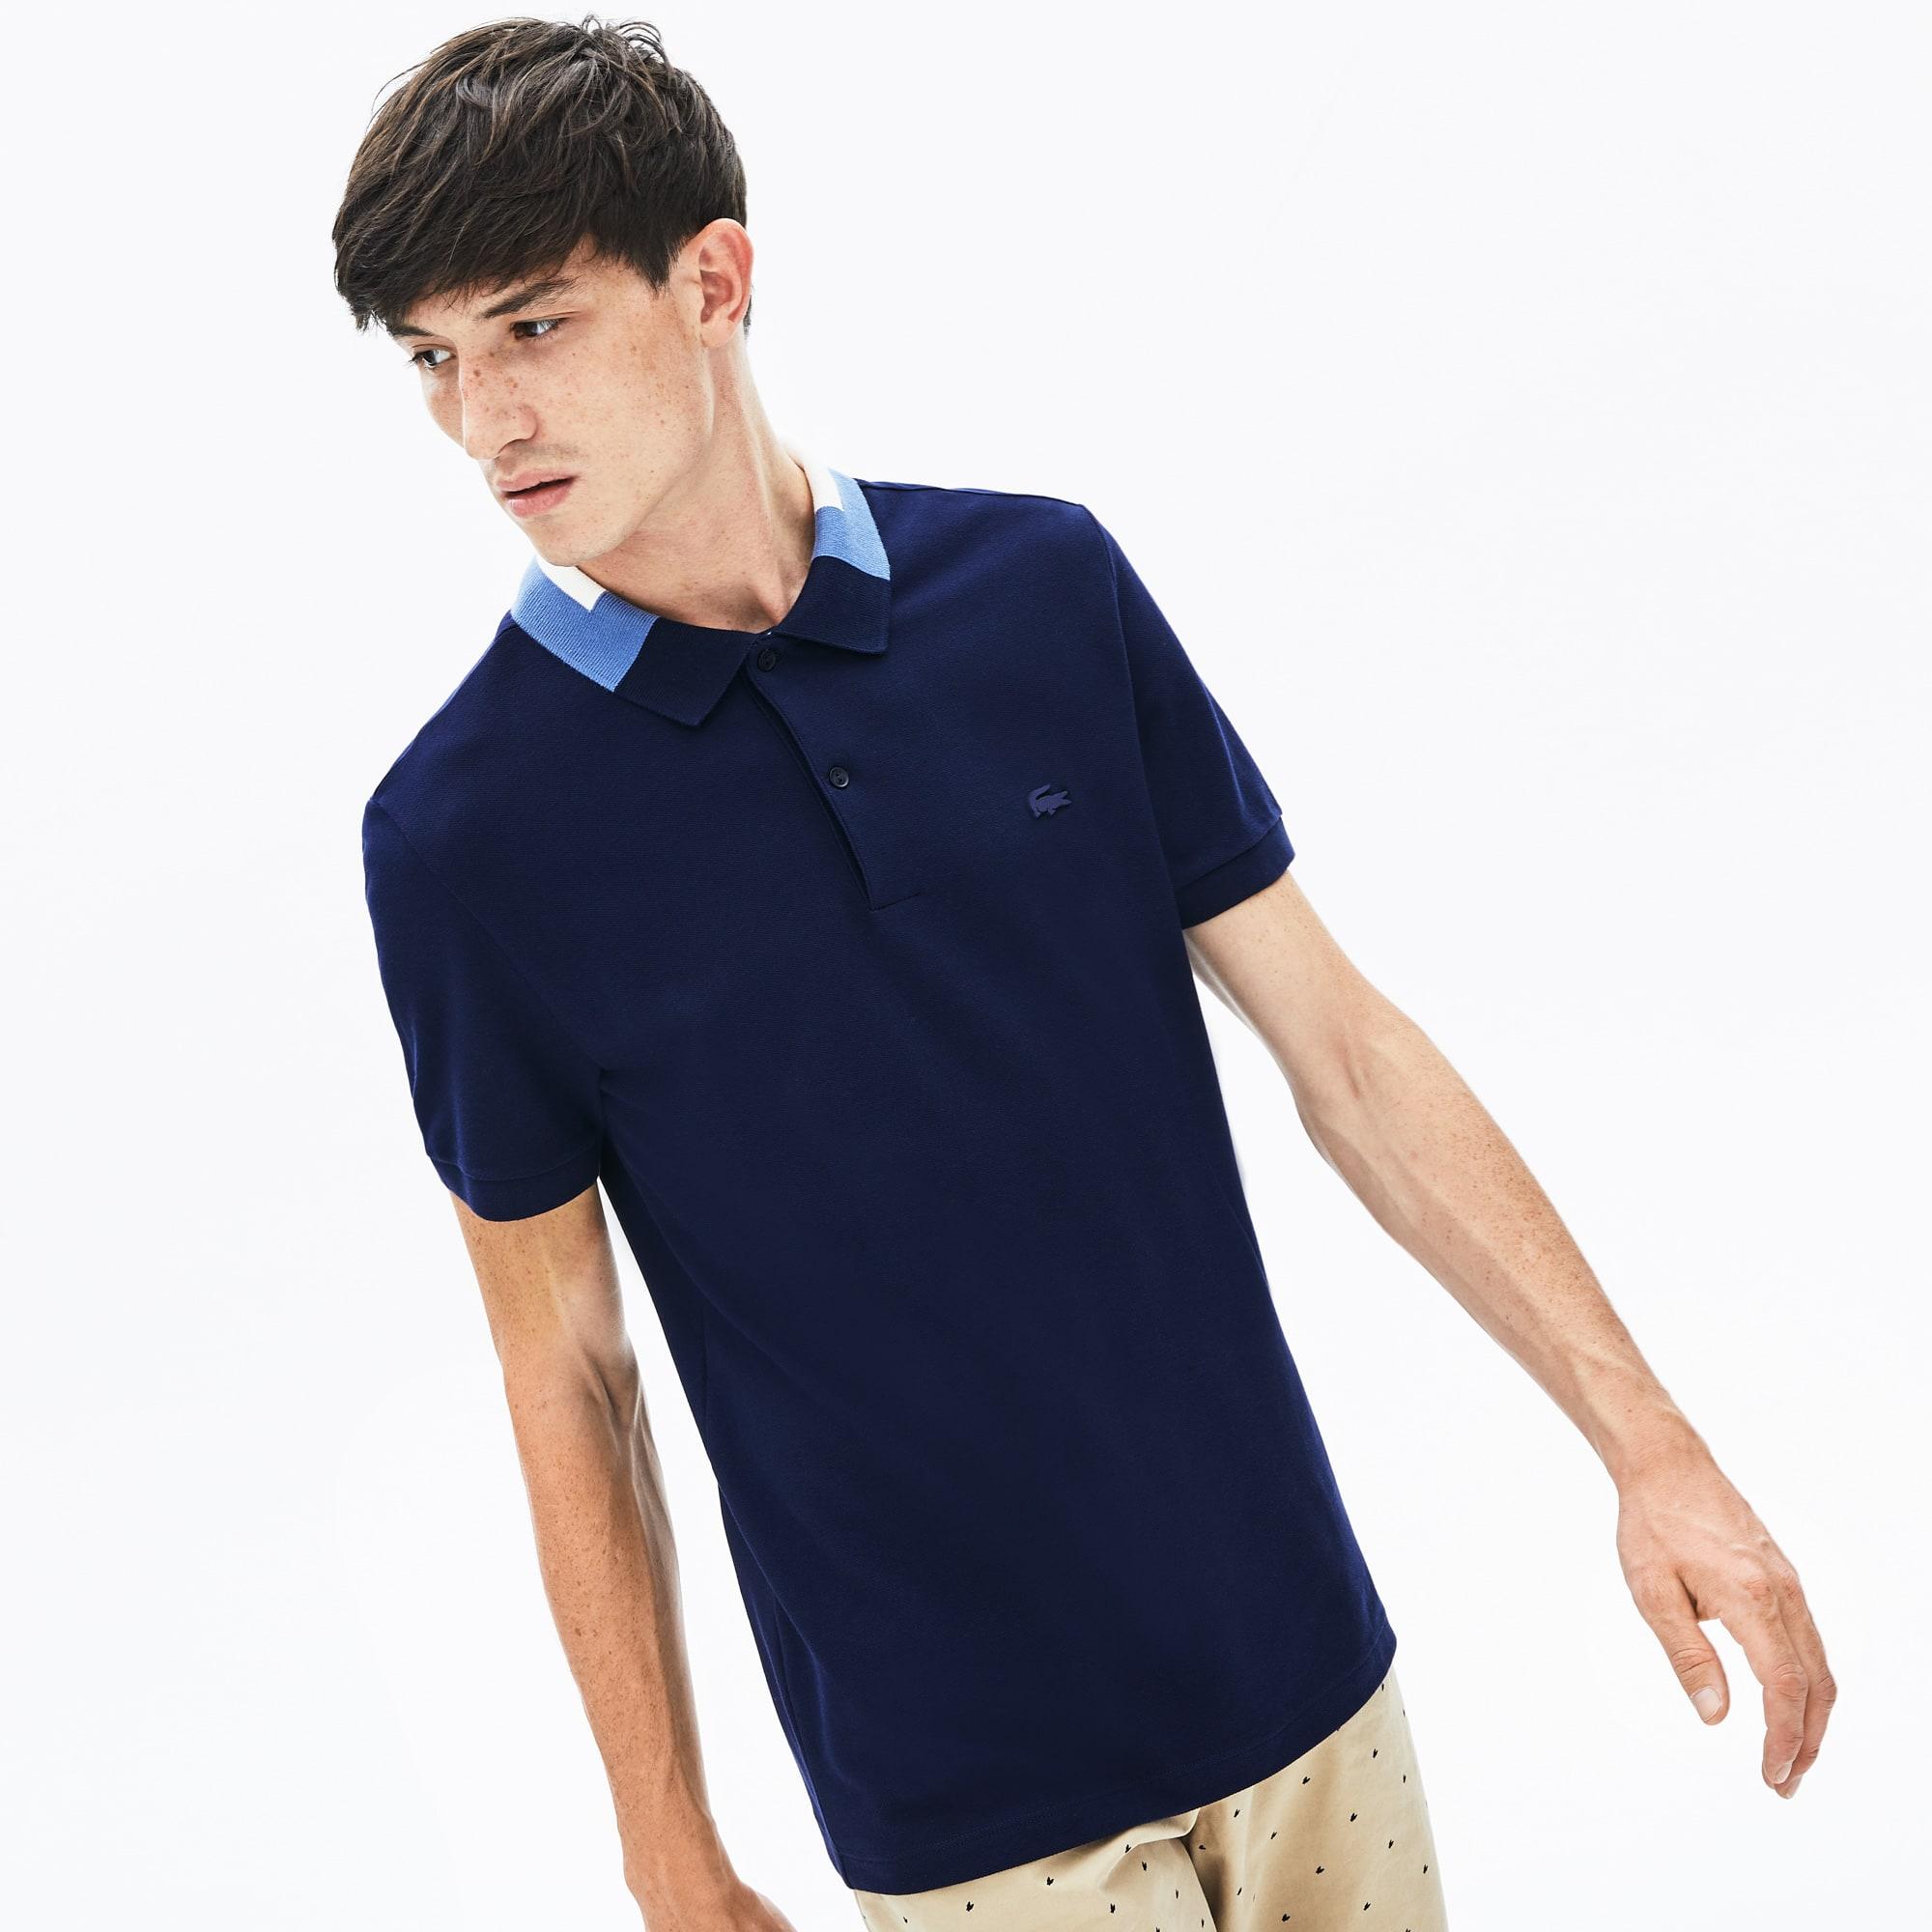 Lacoste Tops Men's Slim Fit Color-Block Collar Cotton Piqué Polo